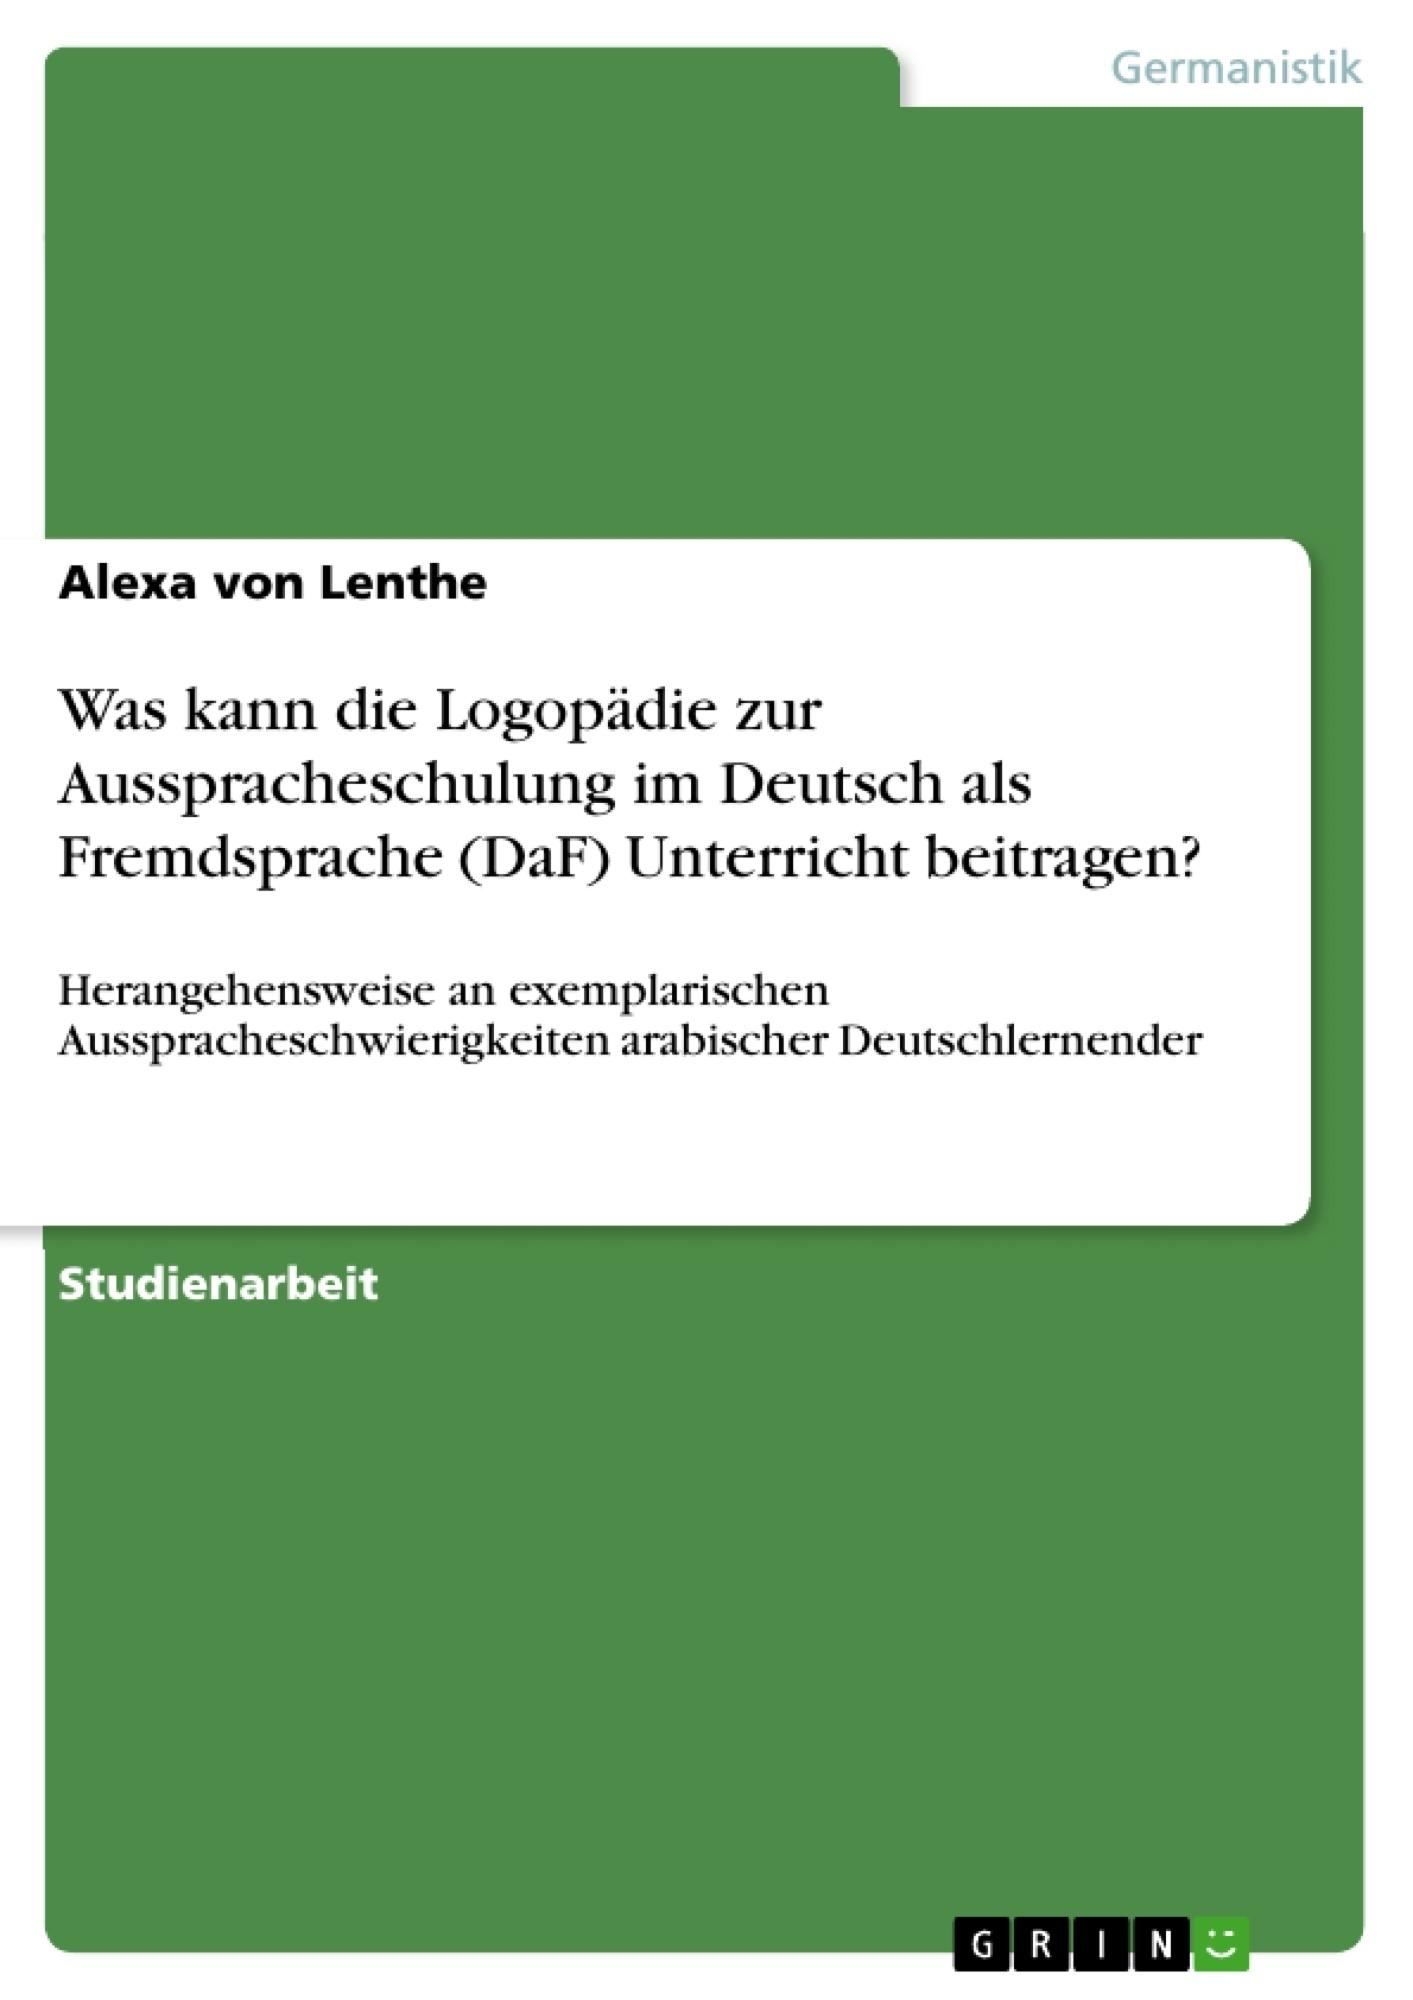 Titel: Was kann die Logopädie zur Ausspracheschulung im Deutsch als Fremdsprache (DaF) Unterricht beitragen?